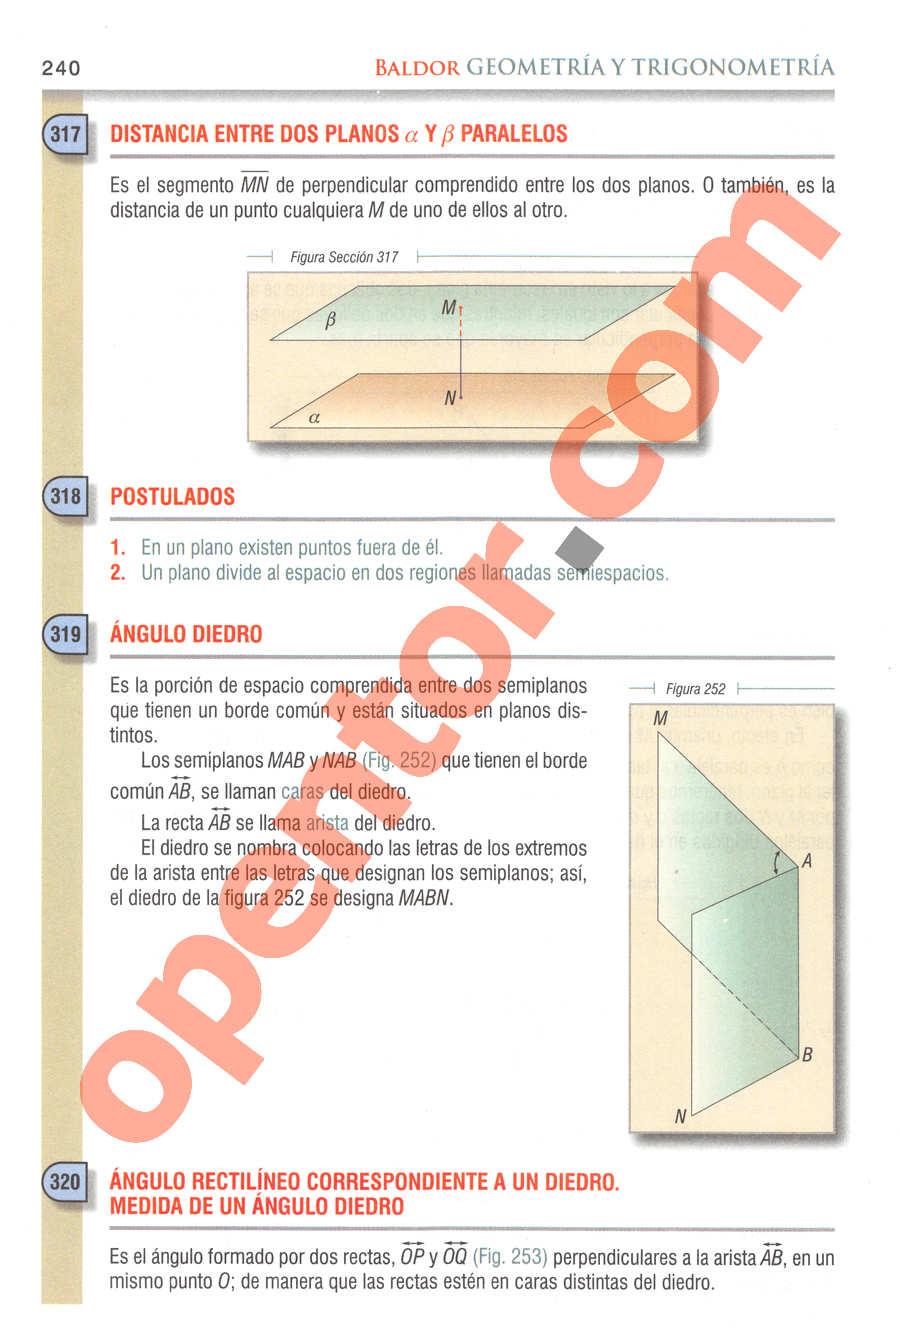 Geometría y Trigonometría de Baldor - Página 240